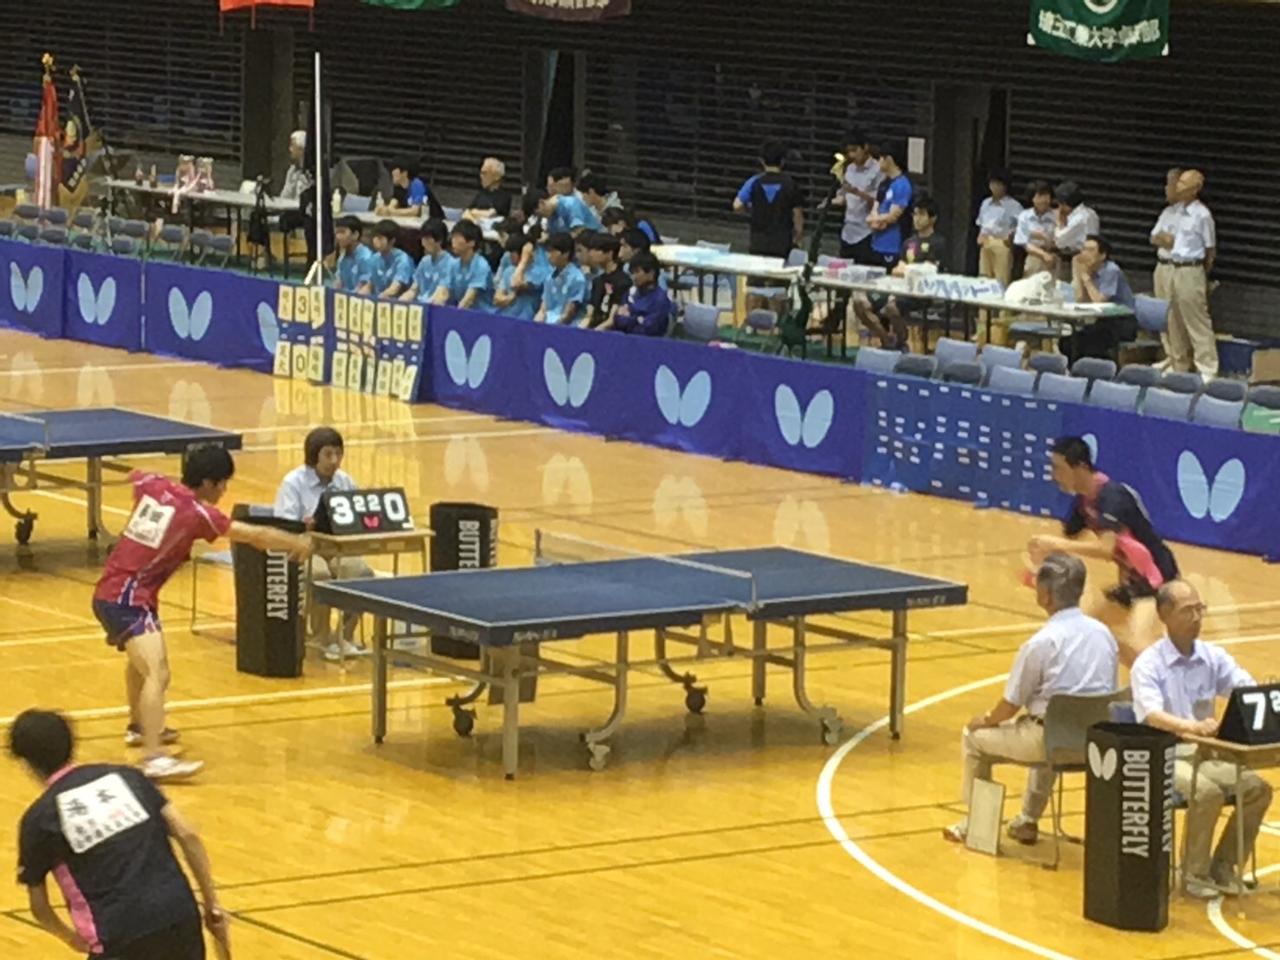 秋季関東学生卓球リーグ戦 前半戦